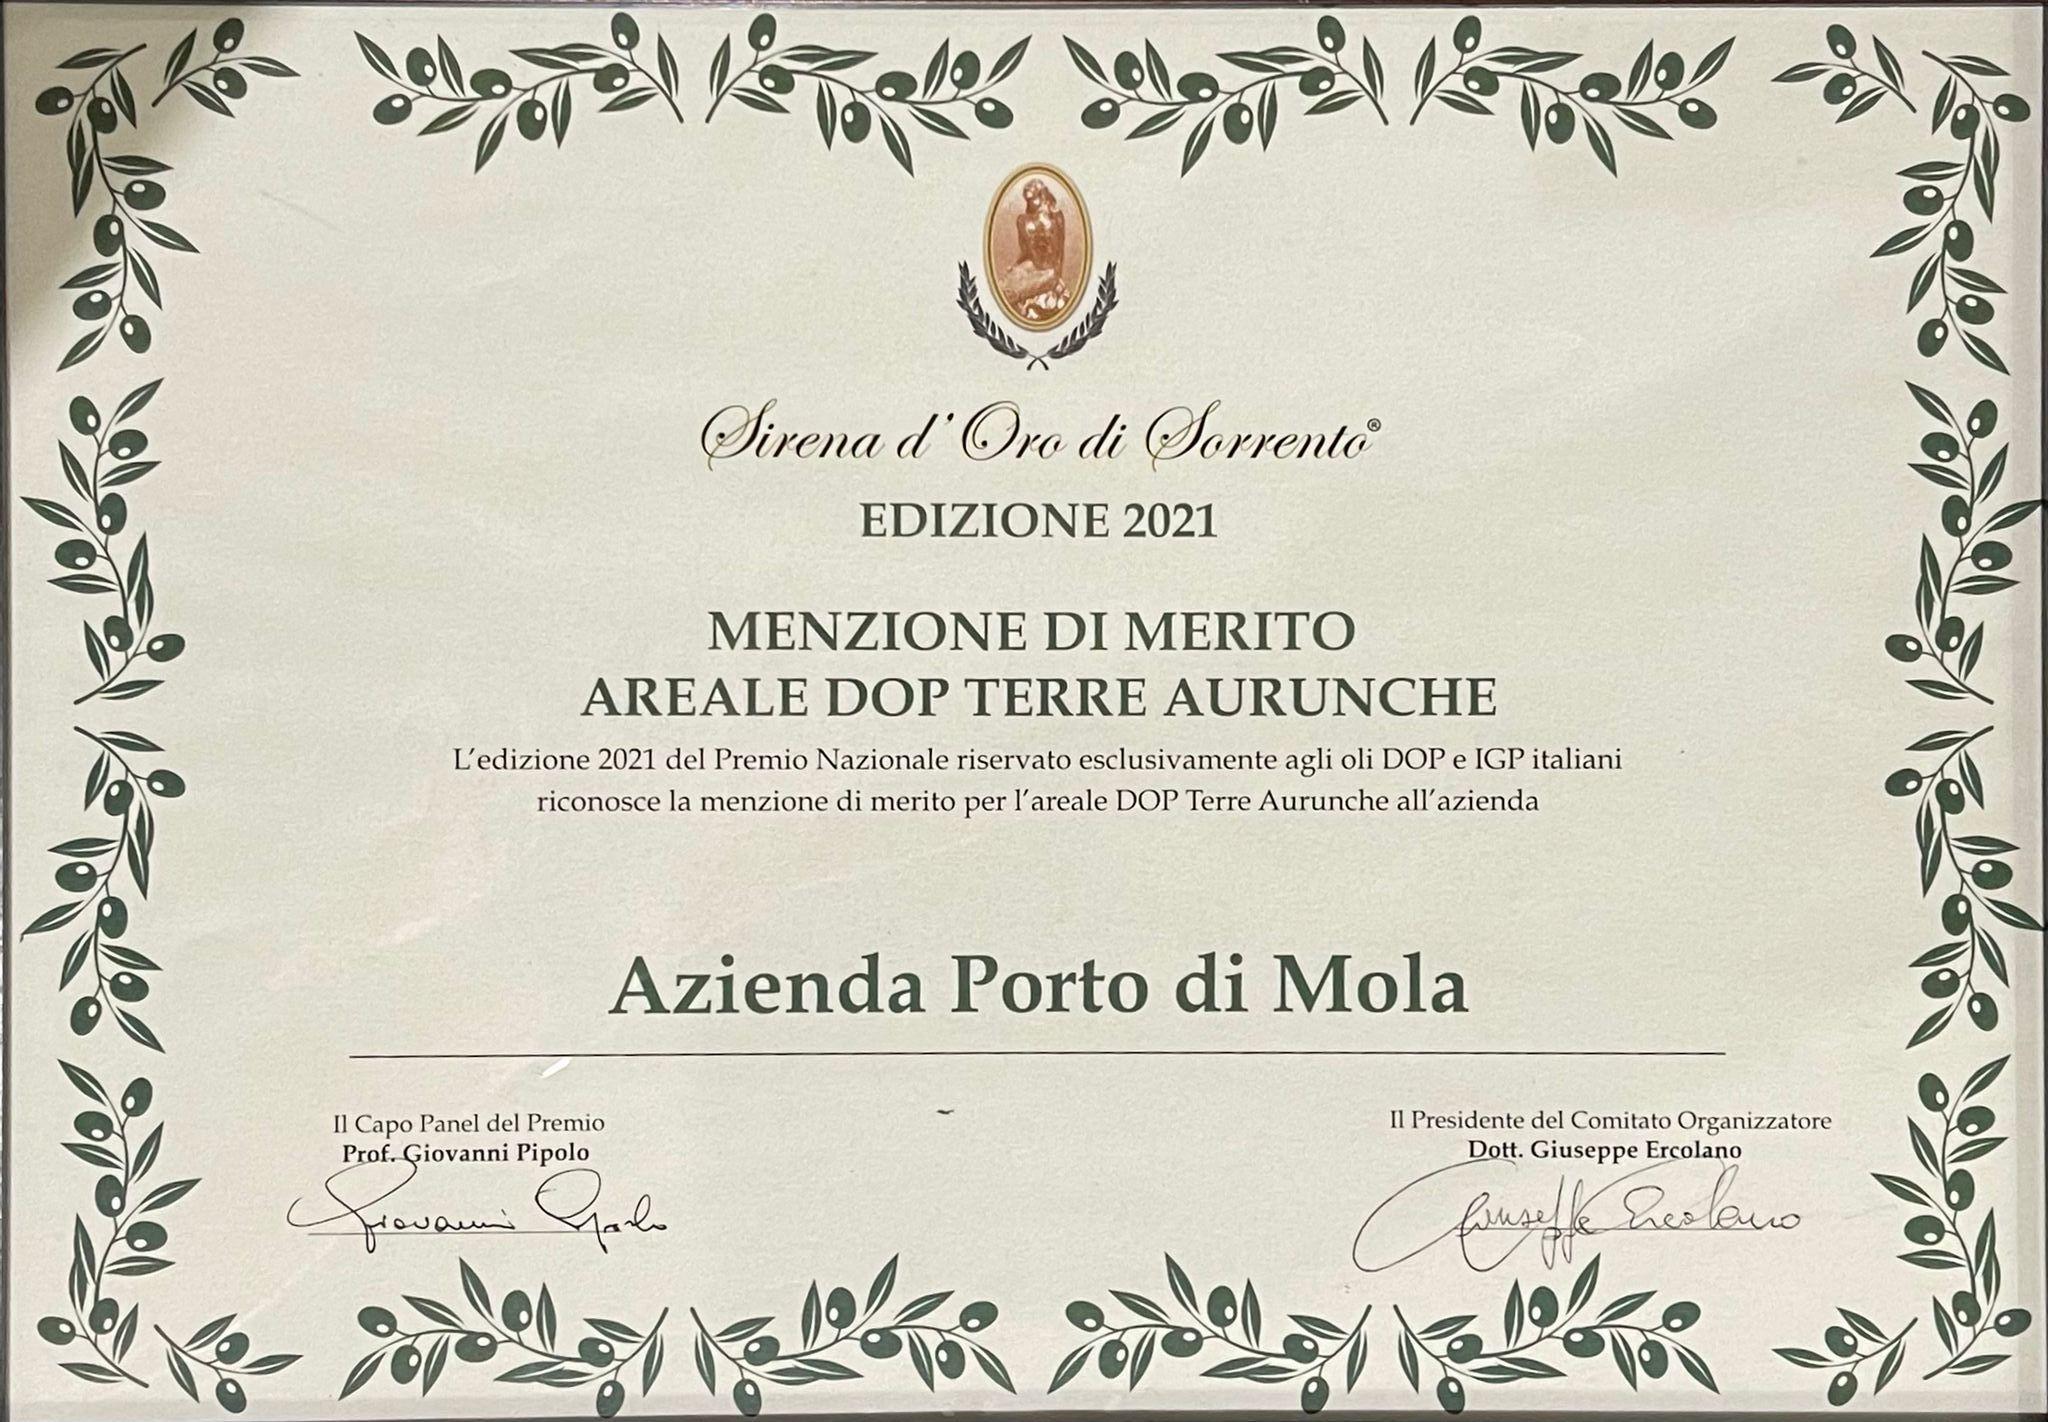 Premio Sirena d'oro di Sorrento 2021